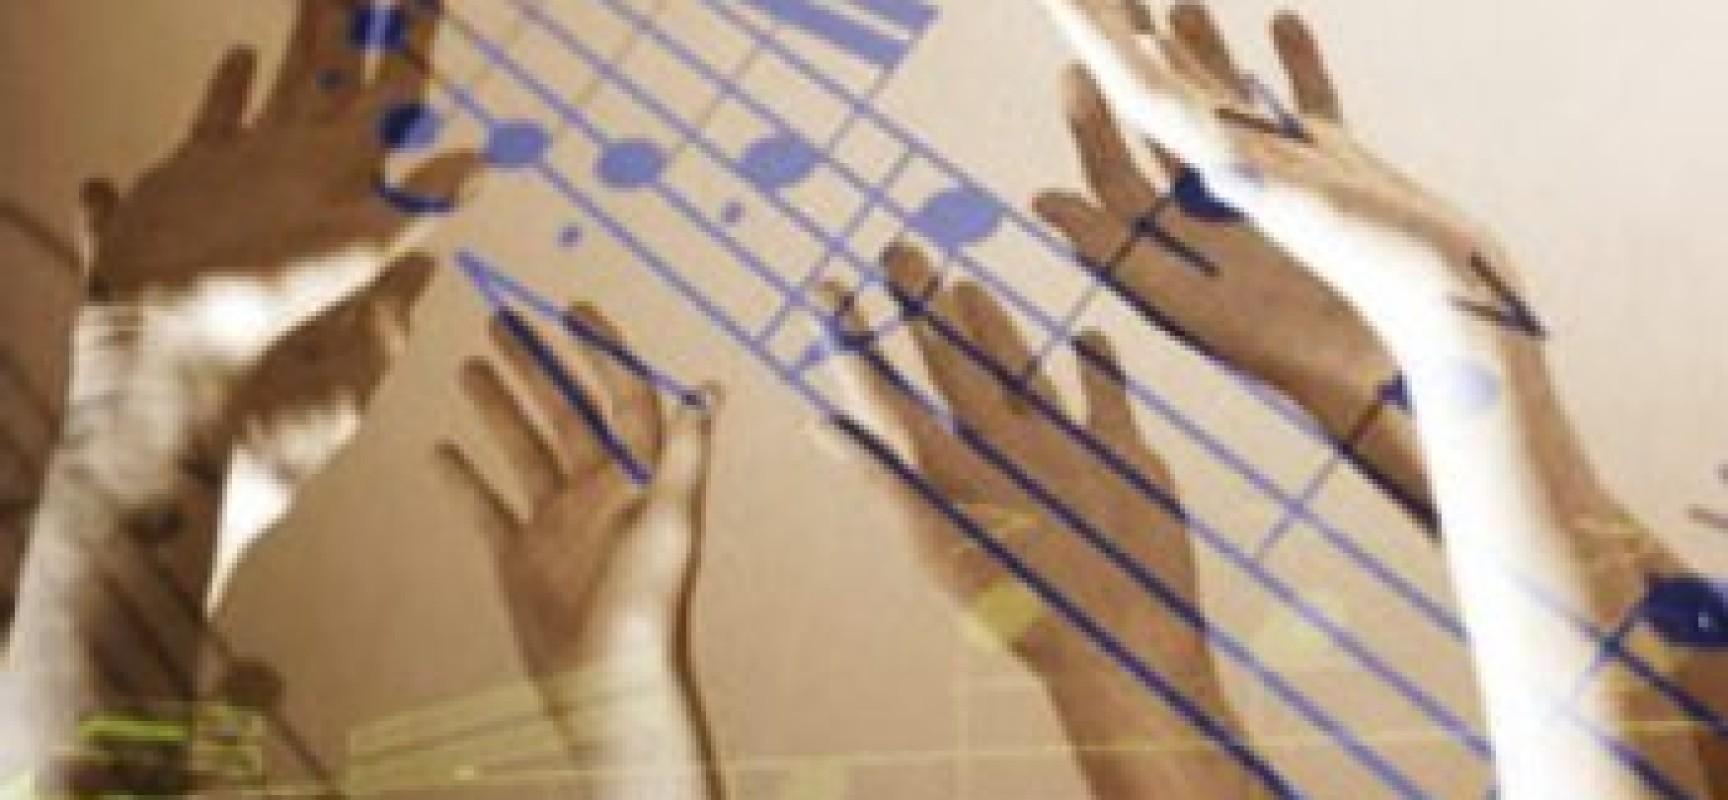 Musica per comunicare, a Napoli un forum di esperti